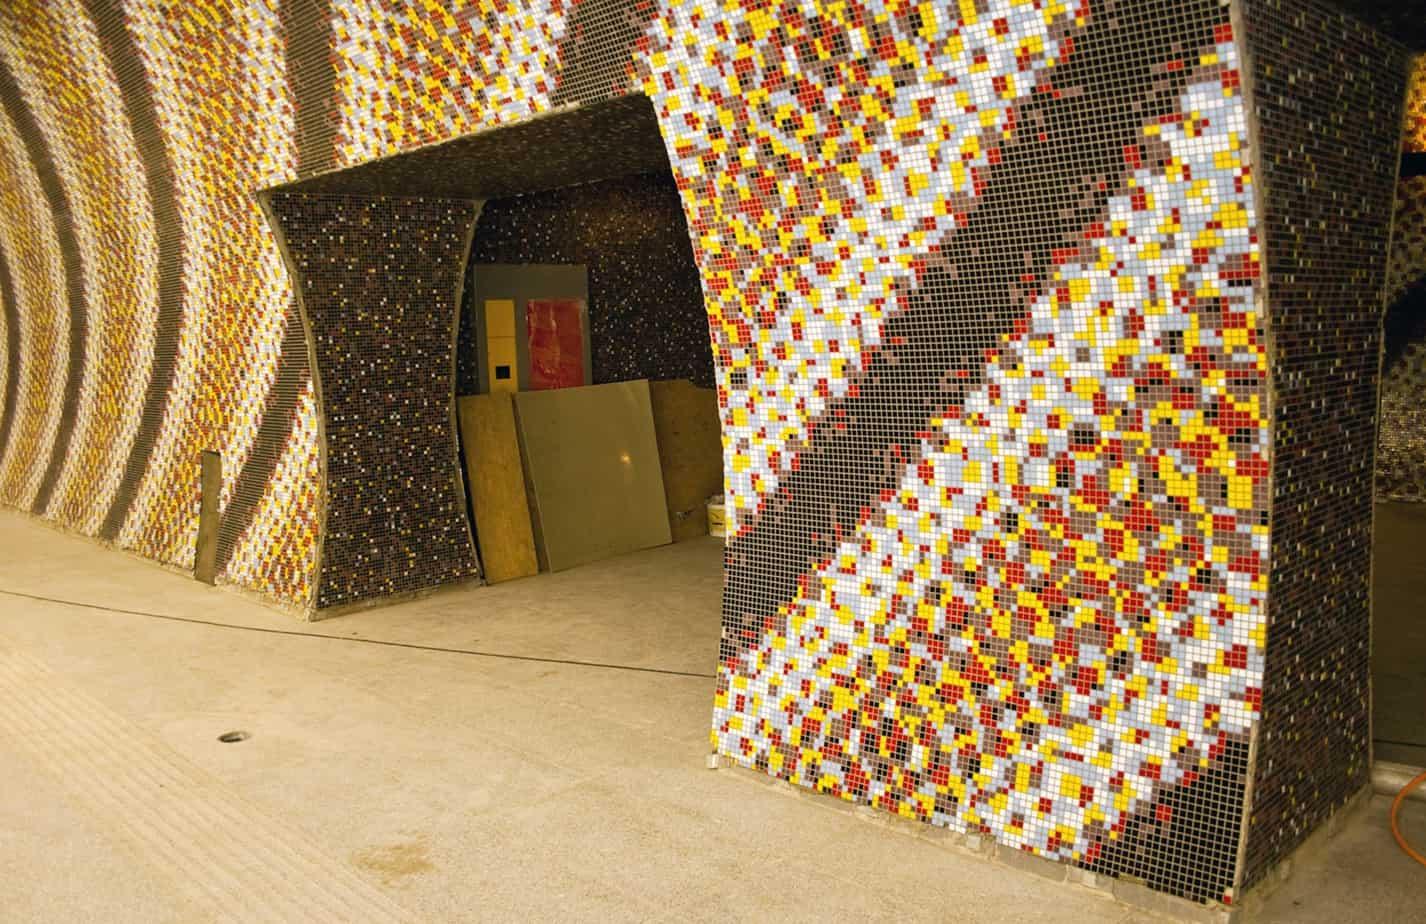 Alcune stazioni della Linea M4 sono state decorate con grandi mosaici realizzati su disegni creati da artisti e architetti, ciascuno dei quali presentava motivi, metrature e difficoltà diverse